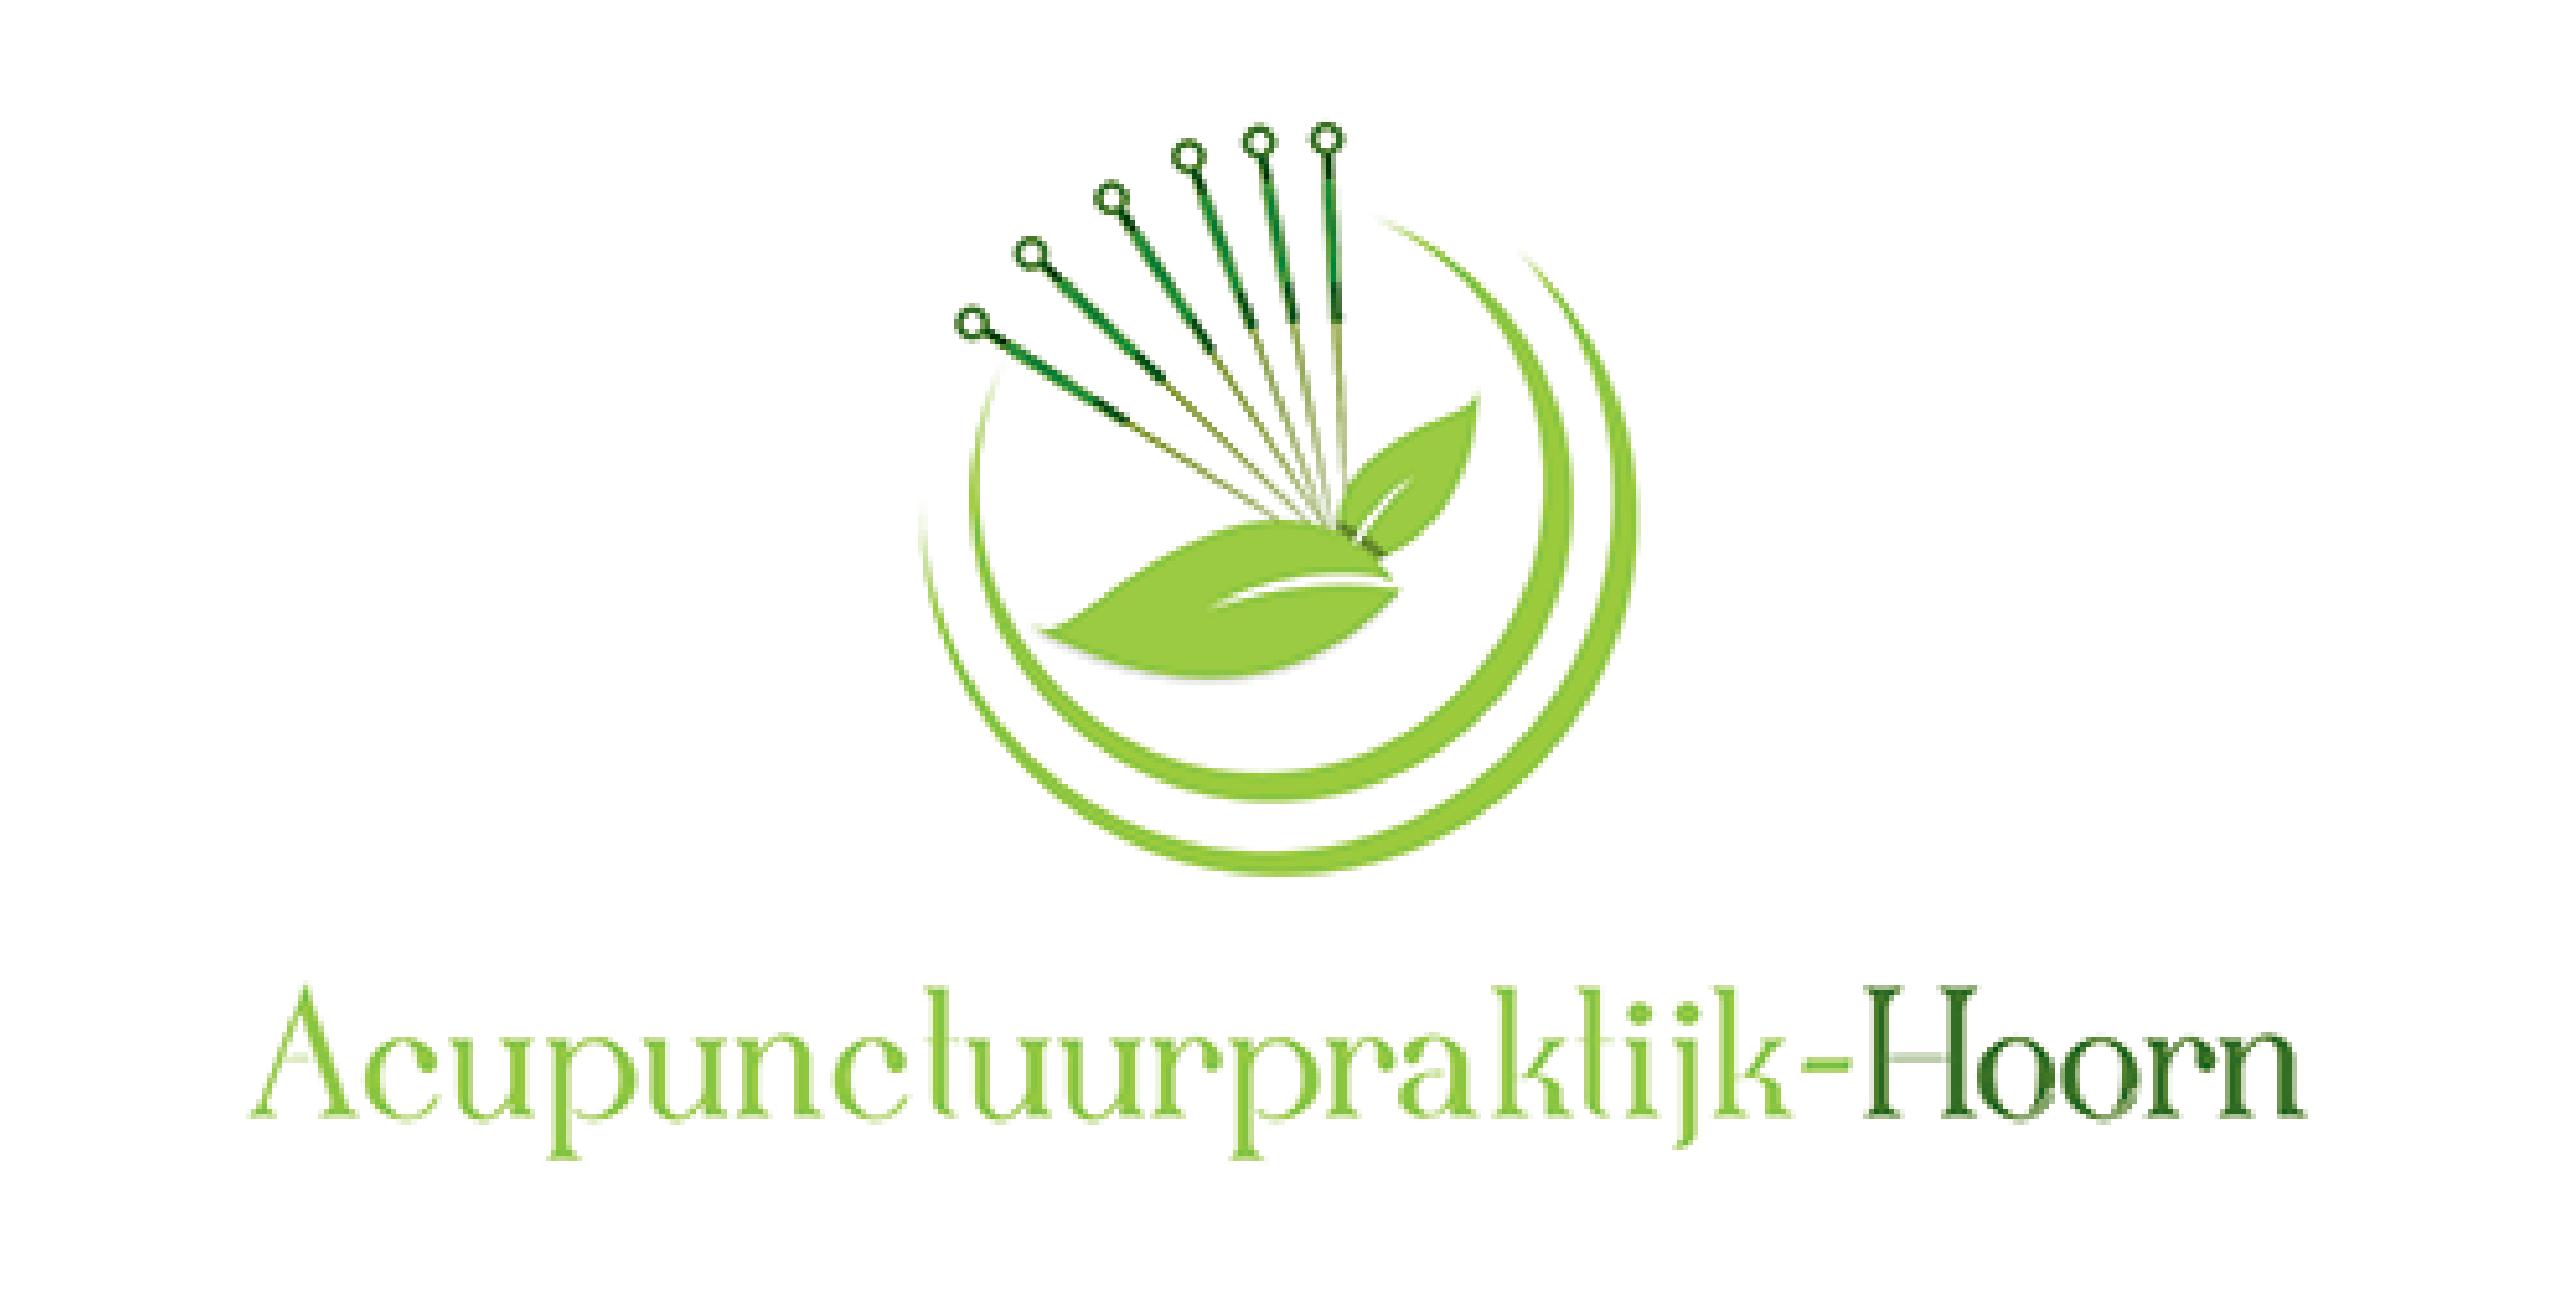 Acupunctuurpraktijk Hoorn